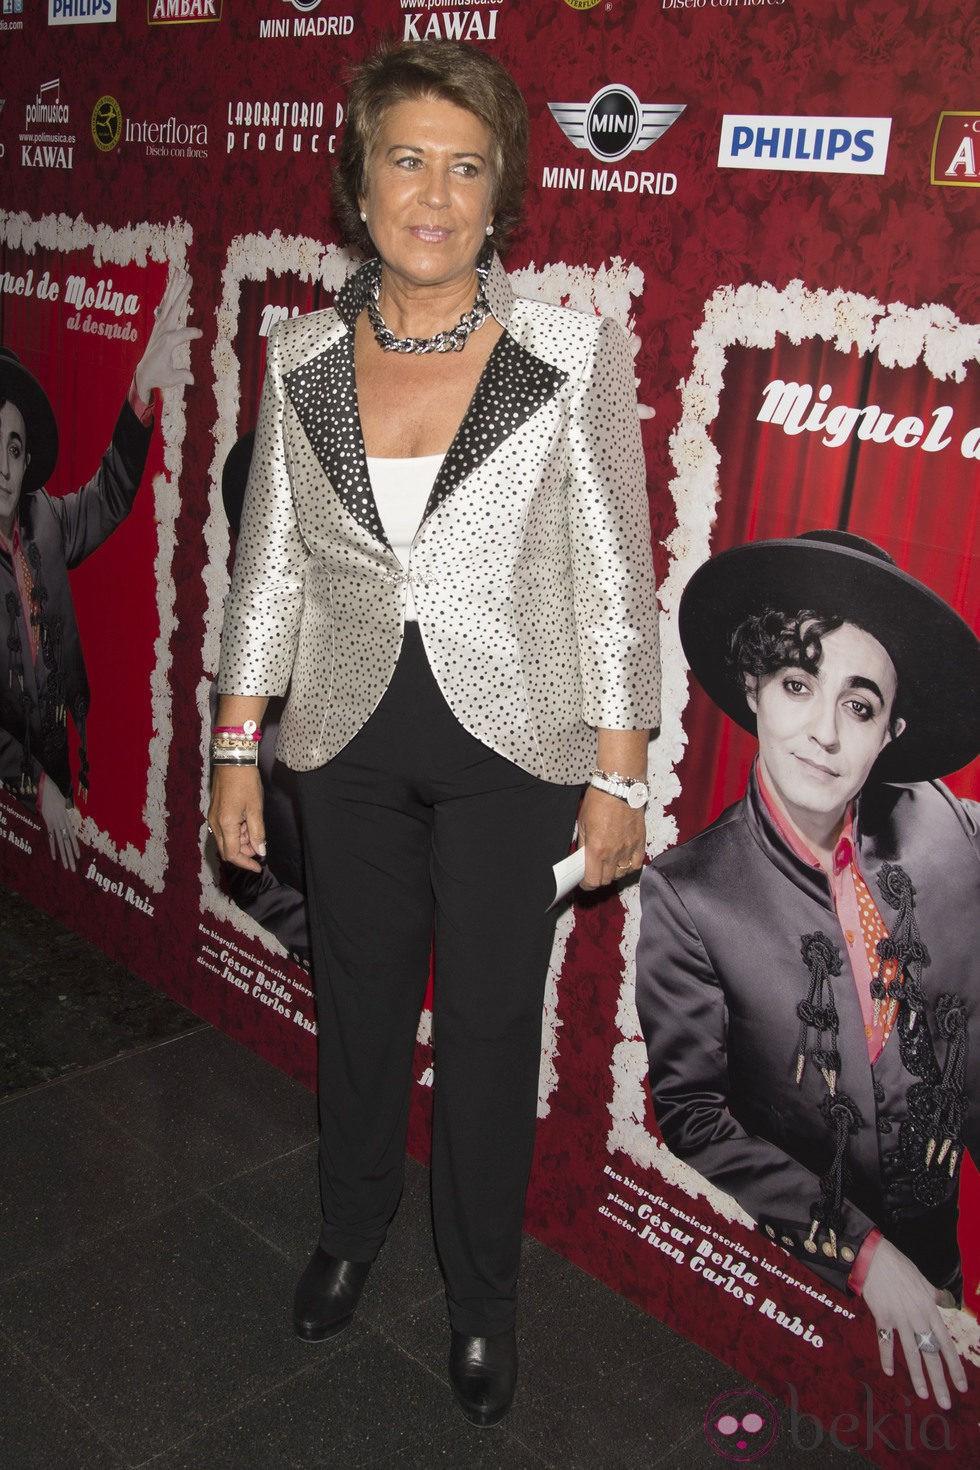 La poligrafista Conchita en el estreno de 'Miguel de Molina al desnudo'